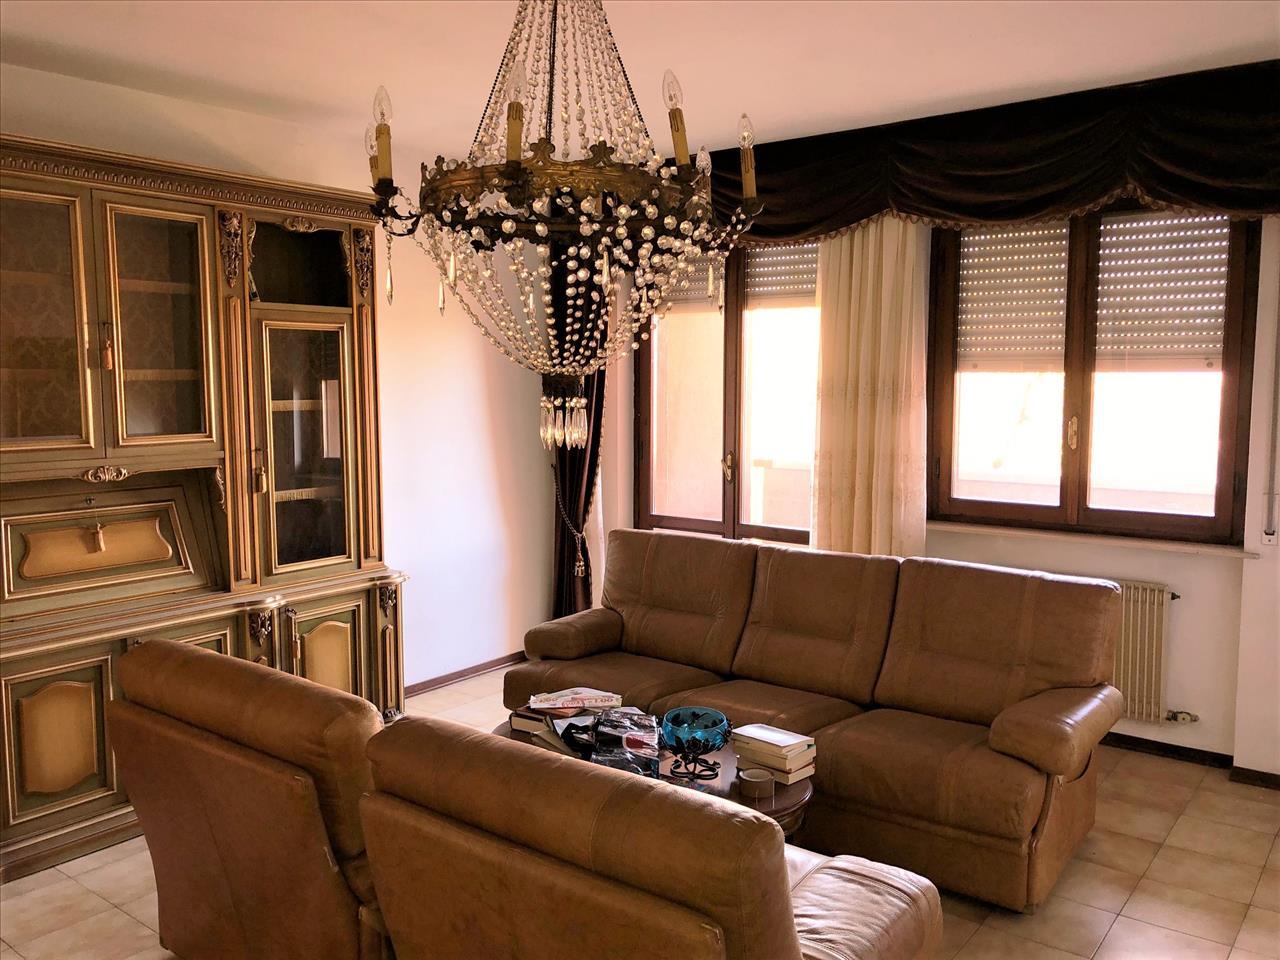 Rivergaro Real Estate Agency, Anna Tecno Immobiliare